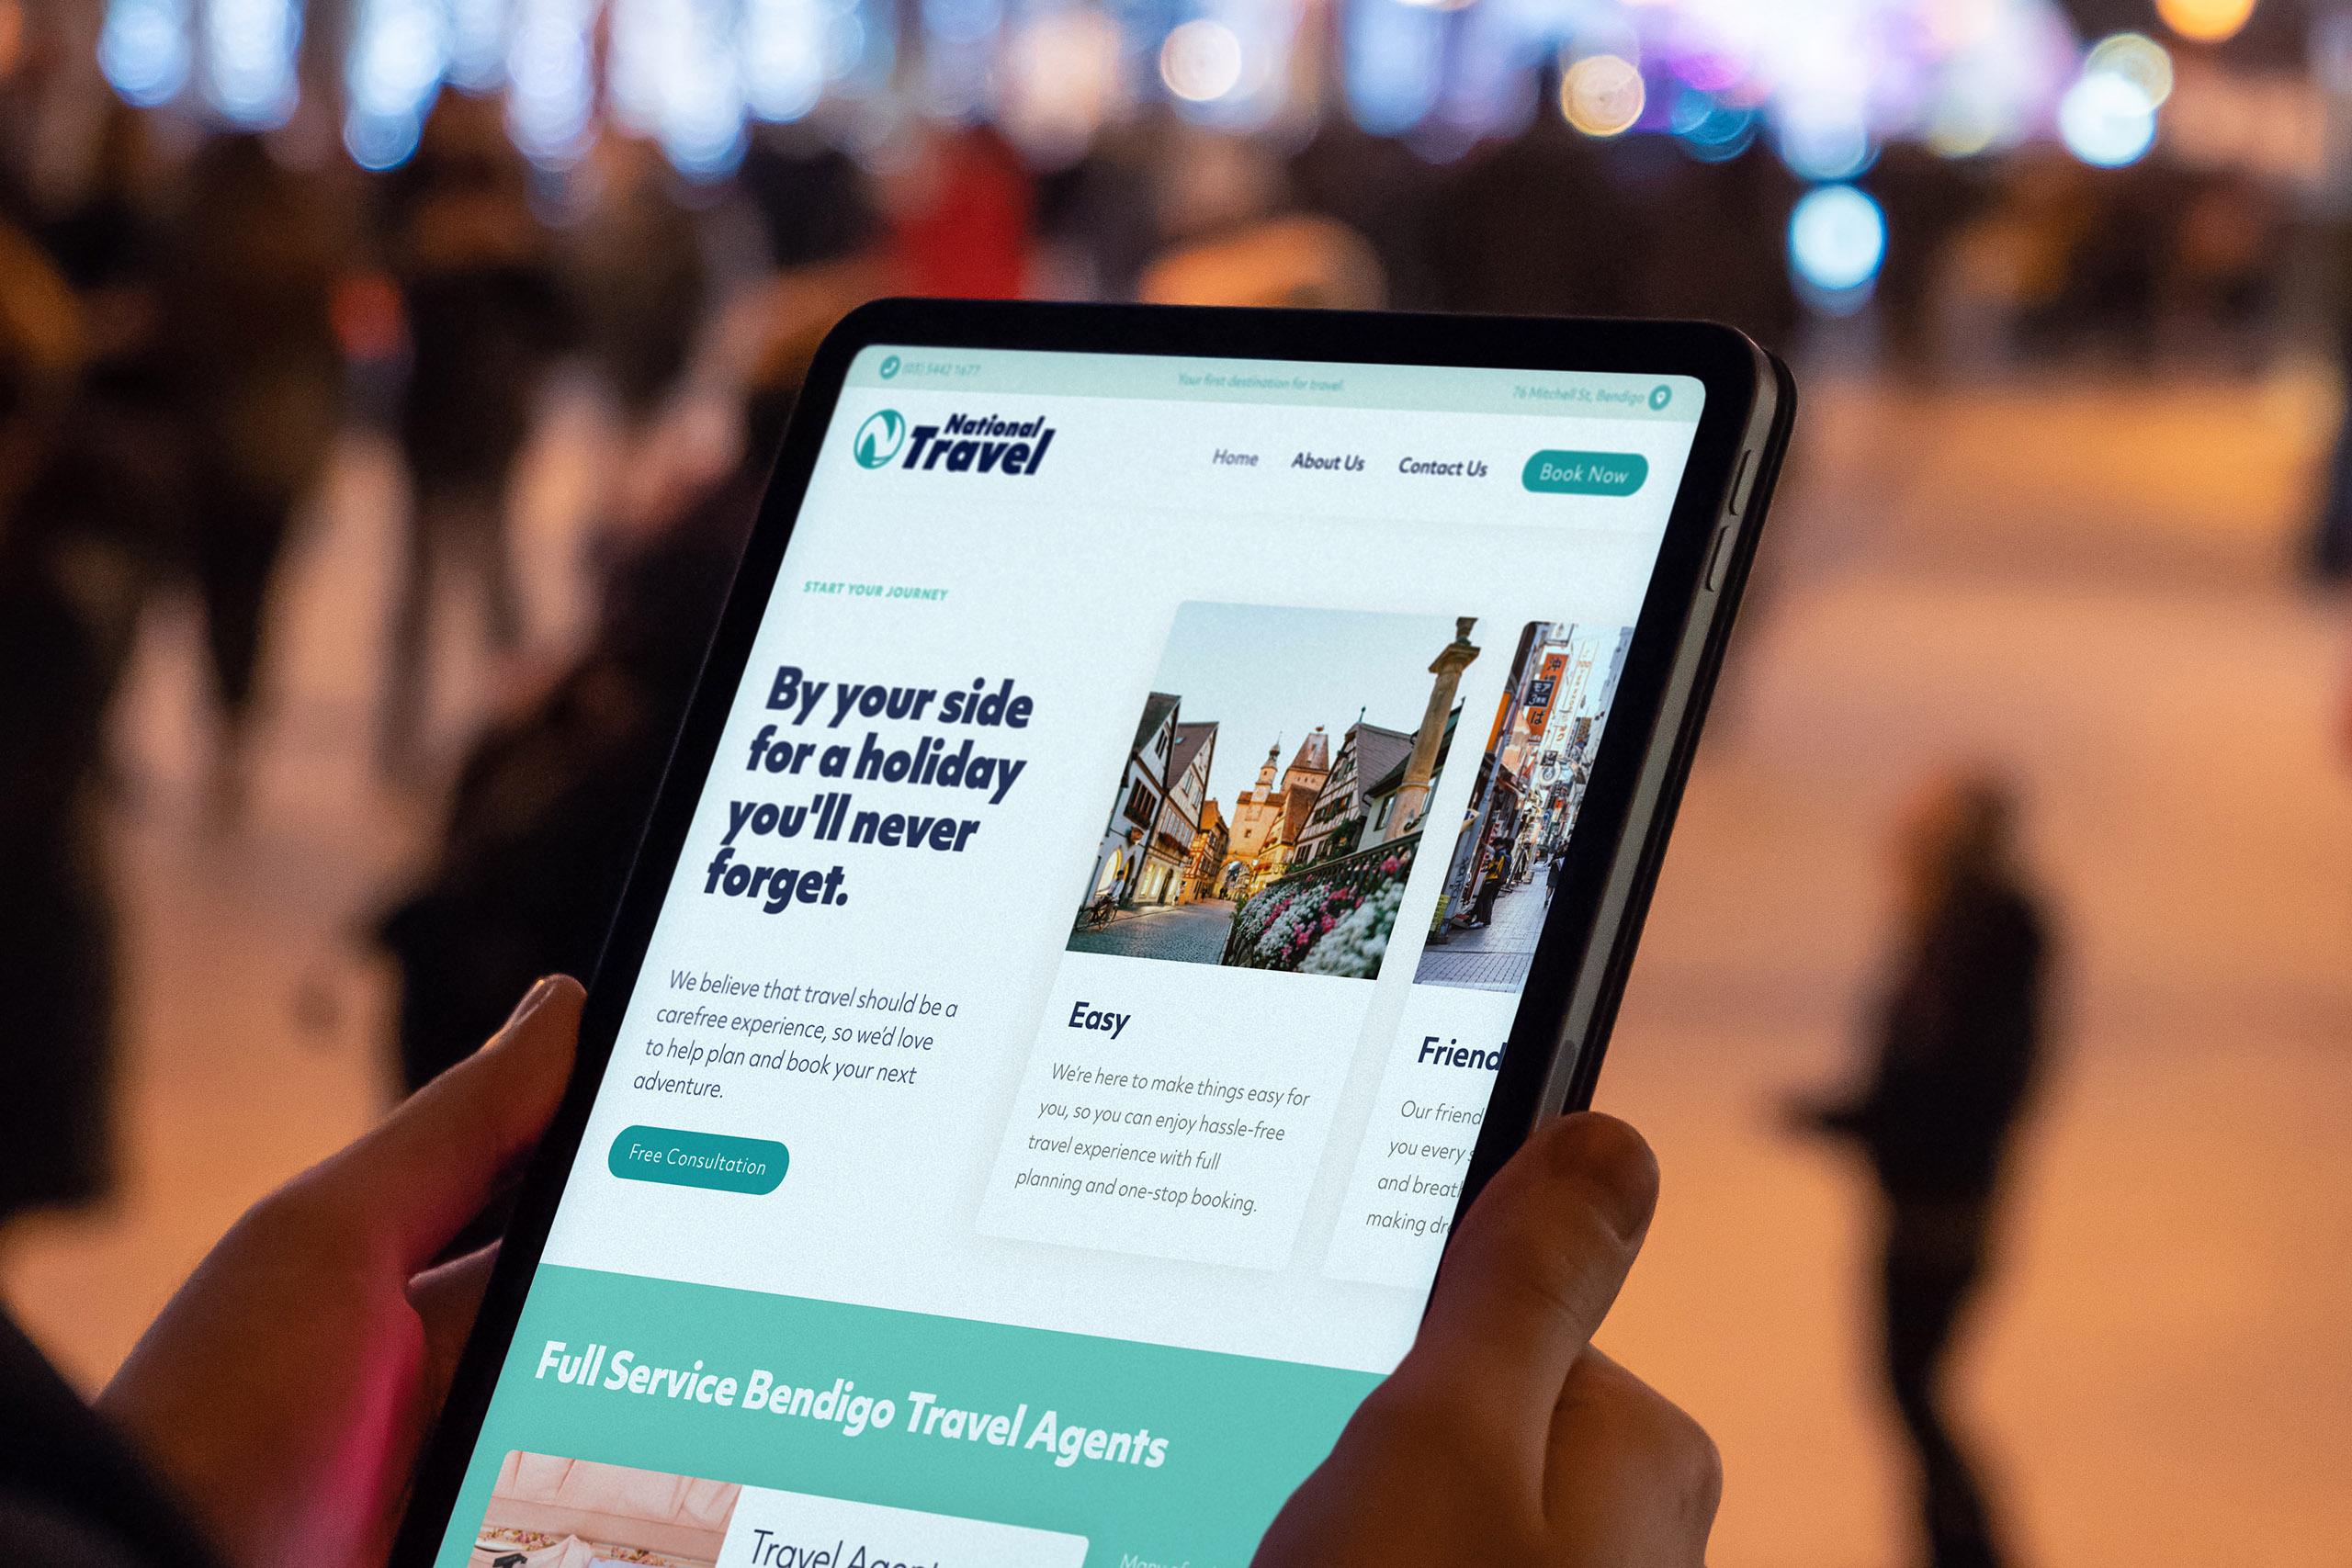 National Travel website design